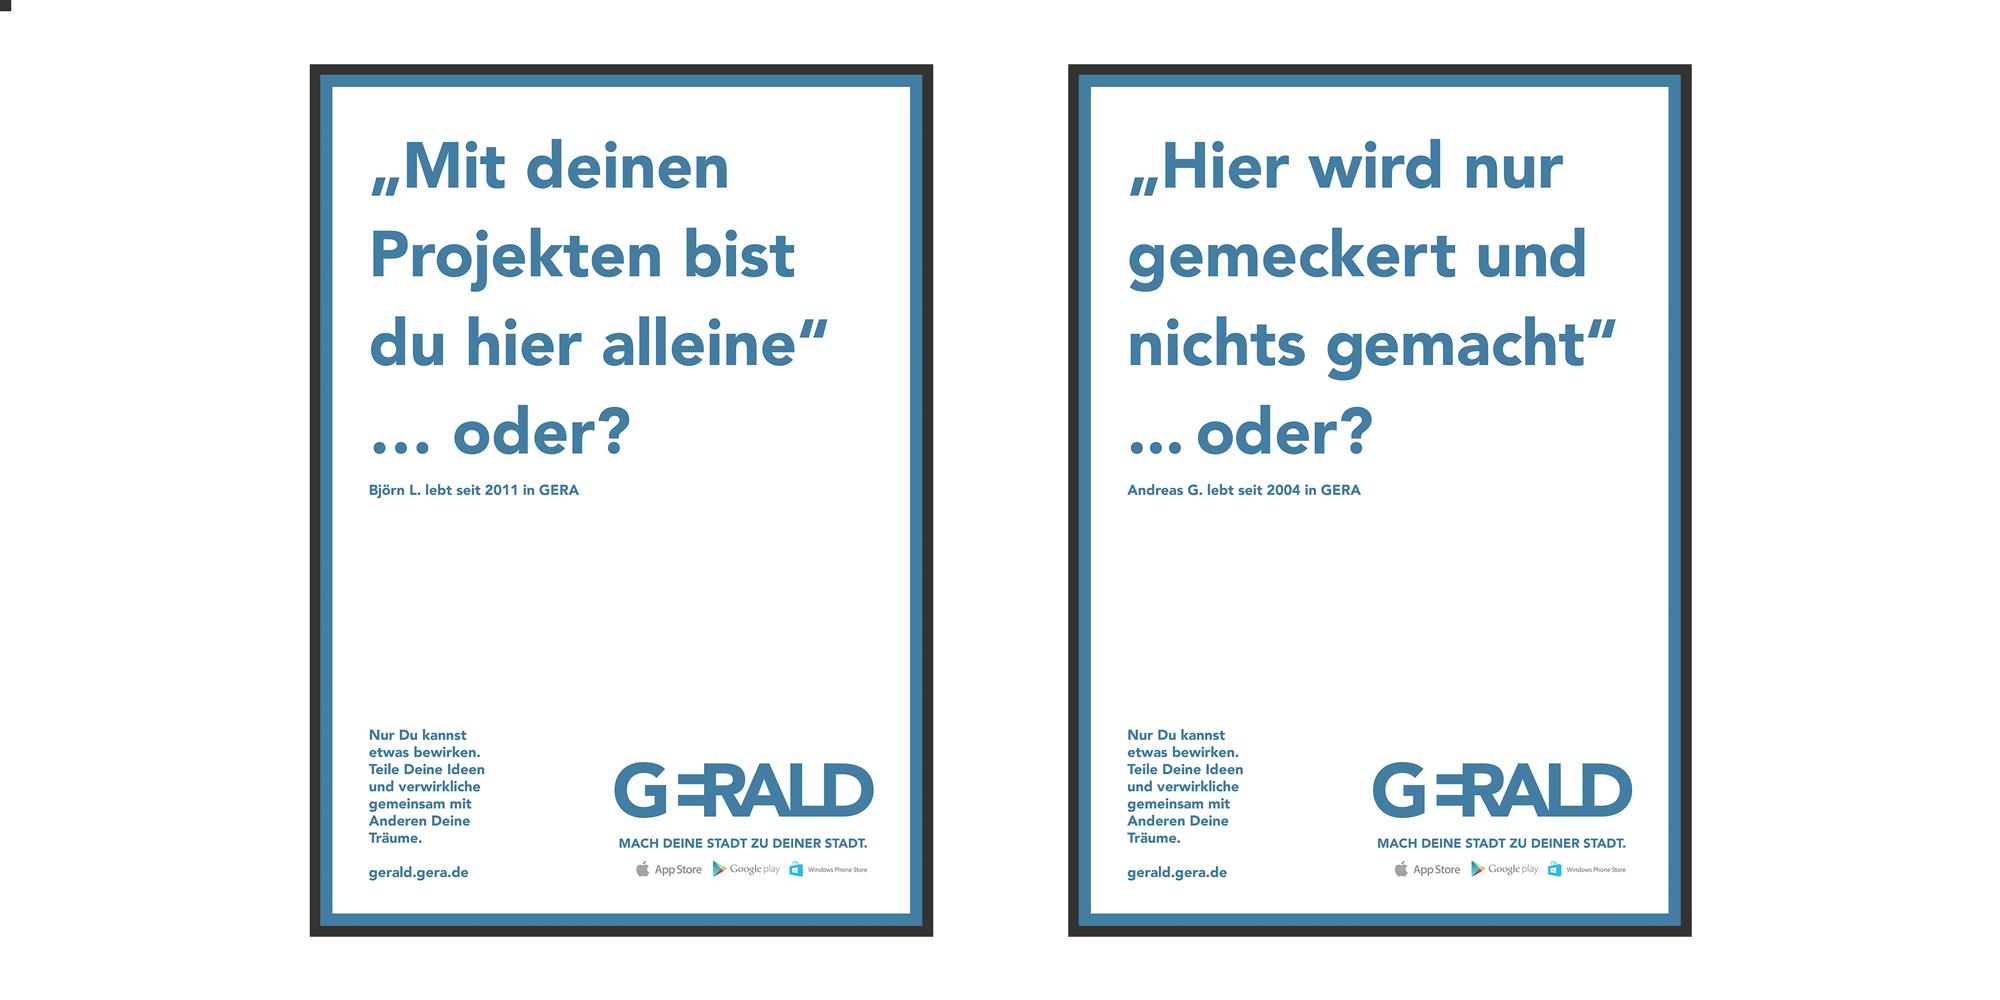 Zwei Poster der Plakatkampagne der Stadtmarketing App Gerald in weiß mit blauer Schrift: